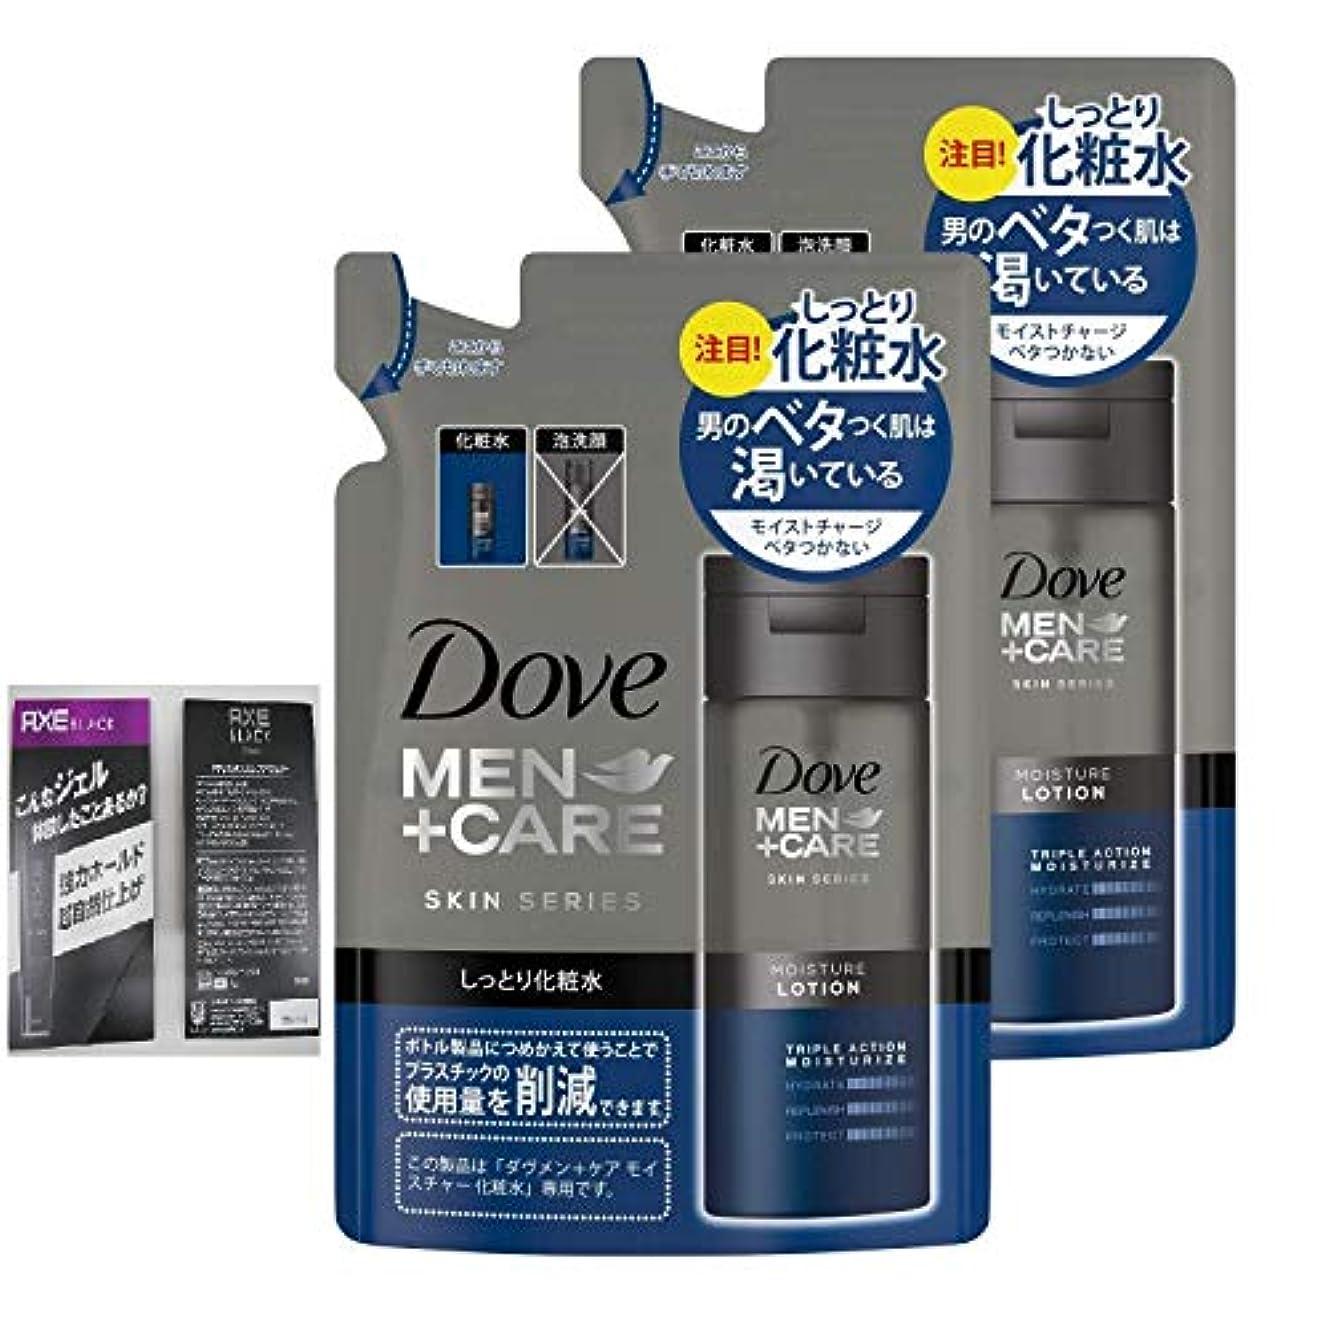 マサッチョ最大法的【Amazon.co.jp限定】 ダヴメン+ケア モイスチャー 化粧水 つめかえ用 130ml×2個